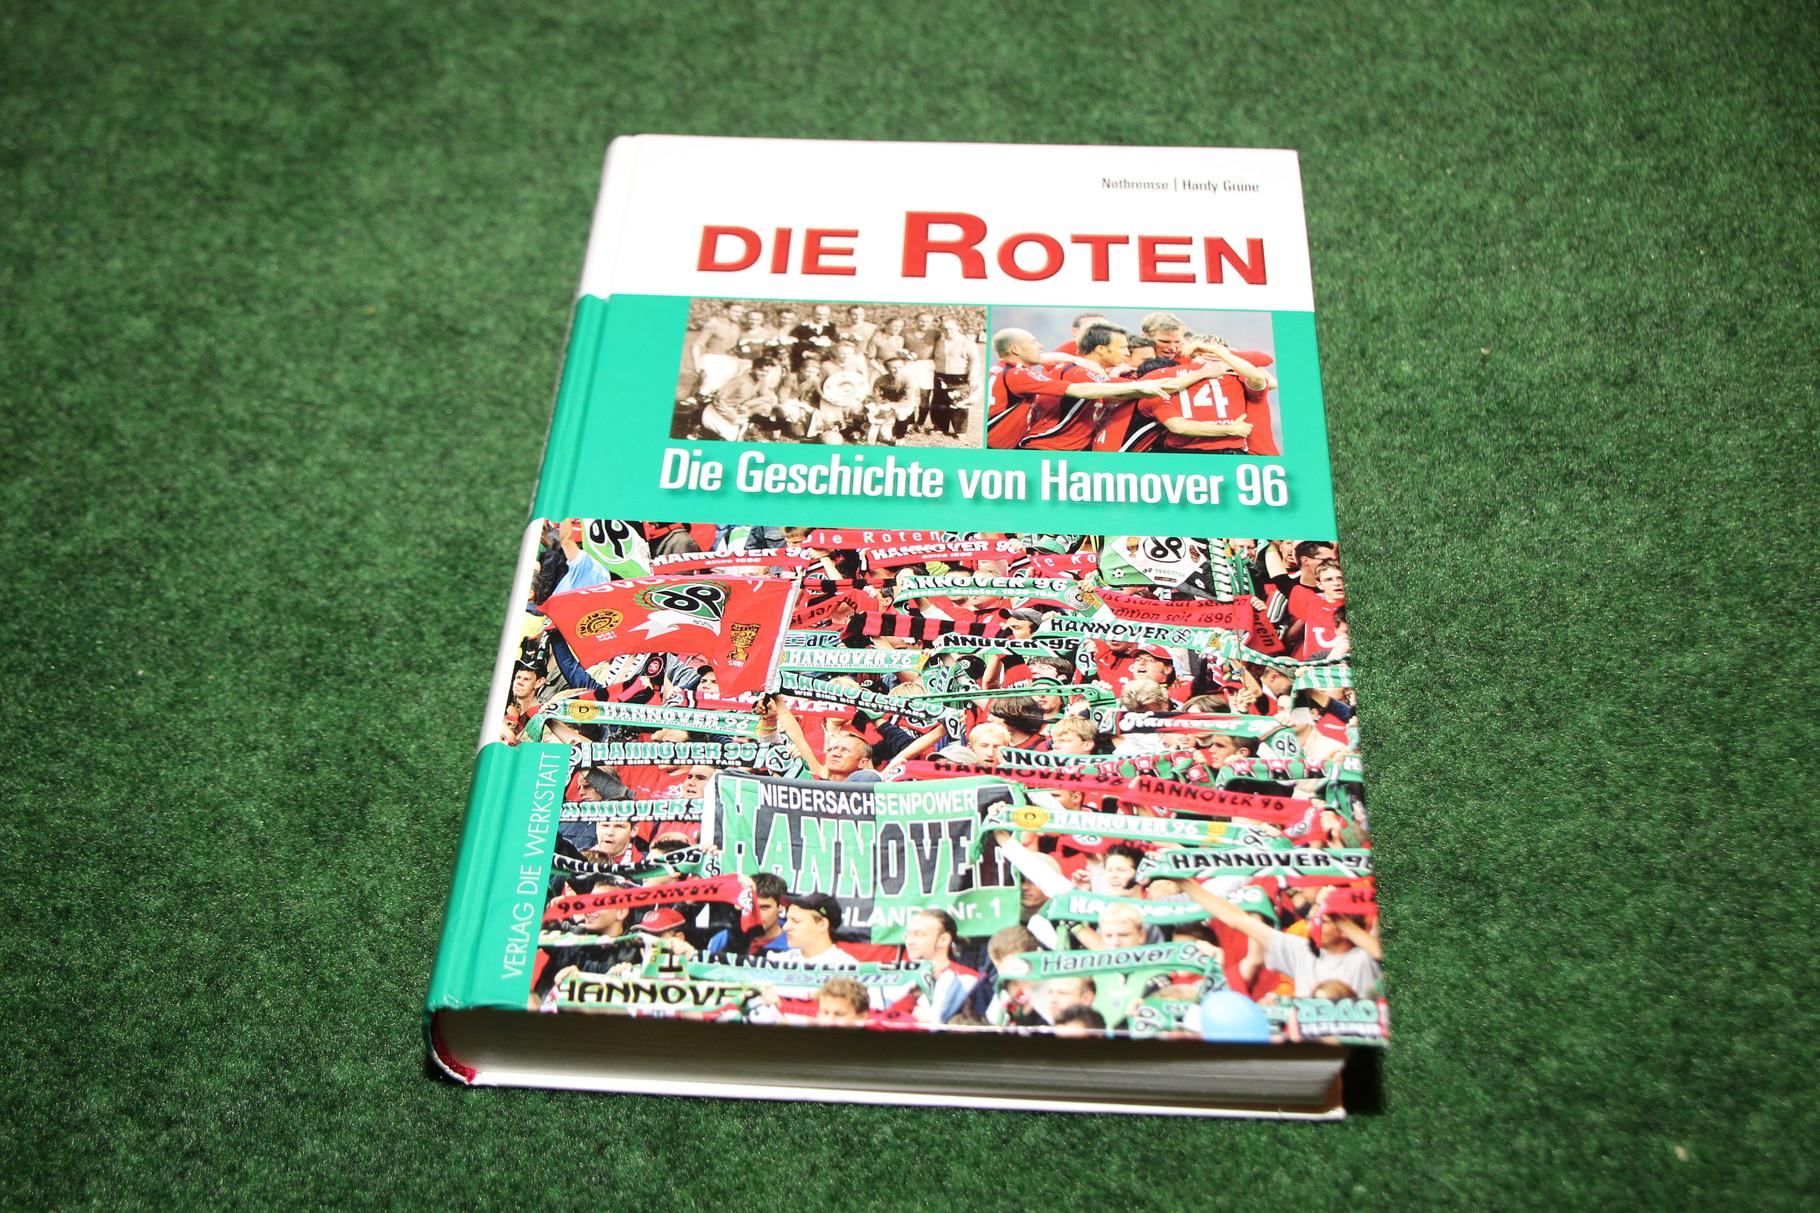 Die Roten, Die Geschichte von Hannover 96.